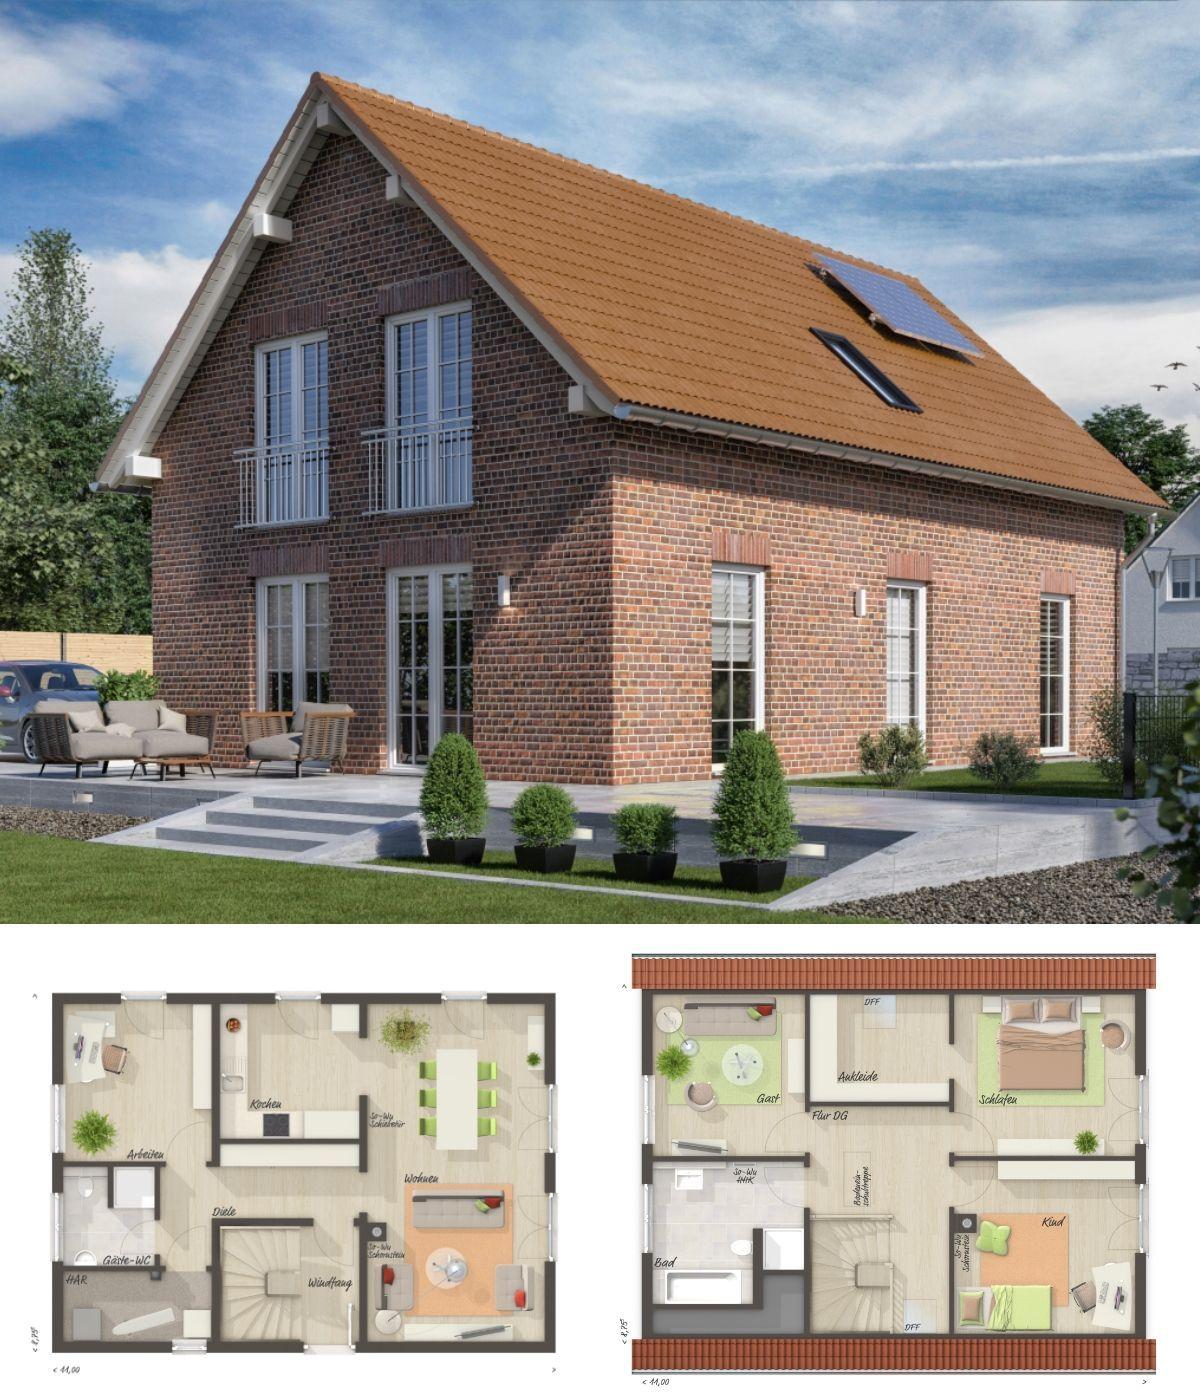 Einfamilienhaus Neubau im Landhausstil mit Klinker Fassade